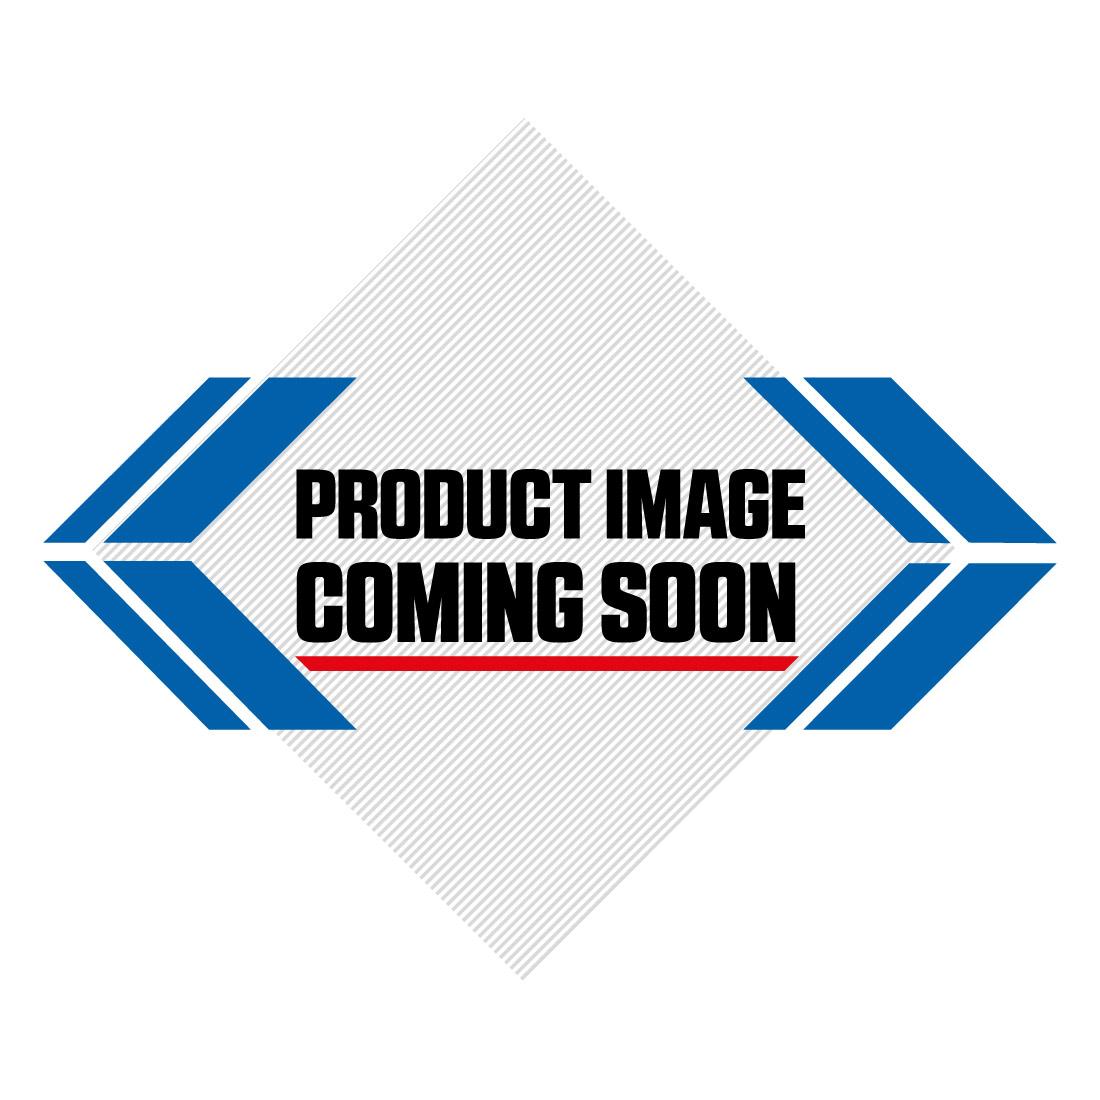 Husqvarna Plastic Kit OEM Factory Image-1>